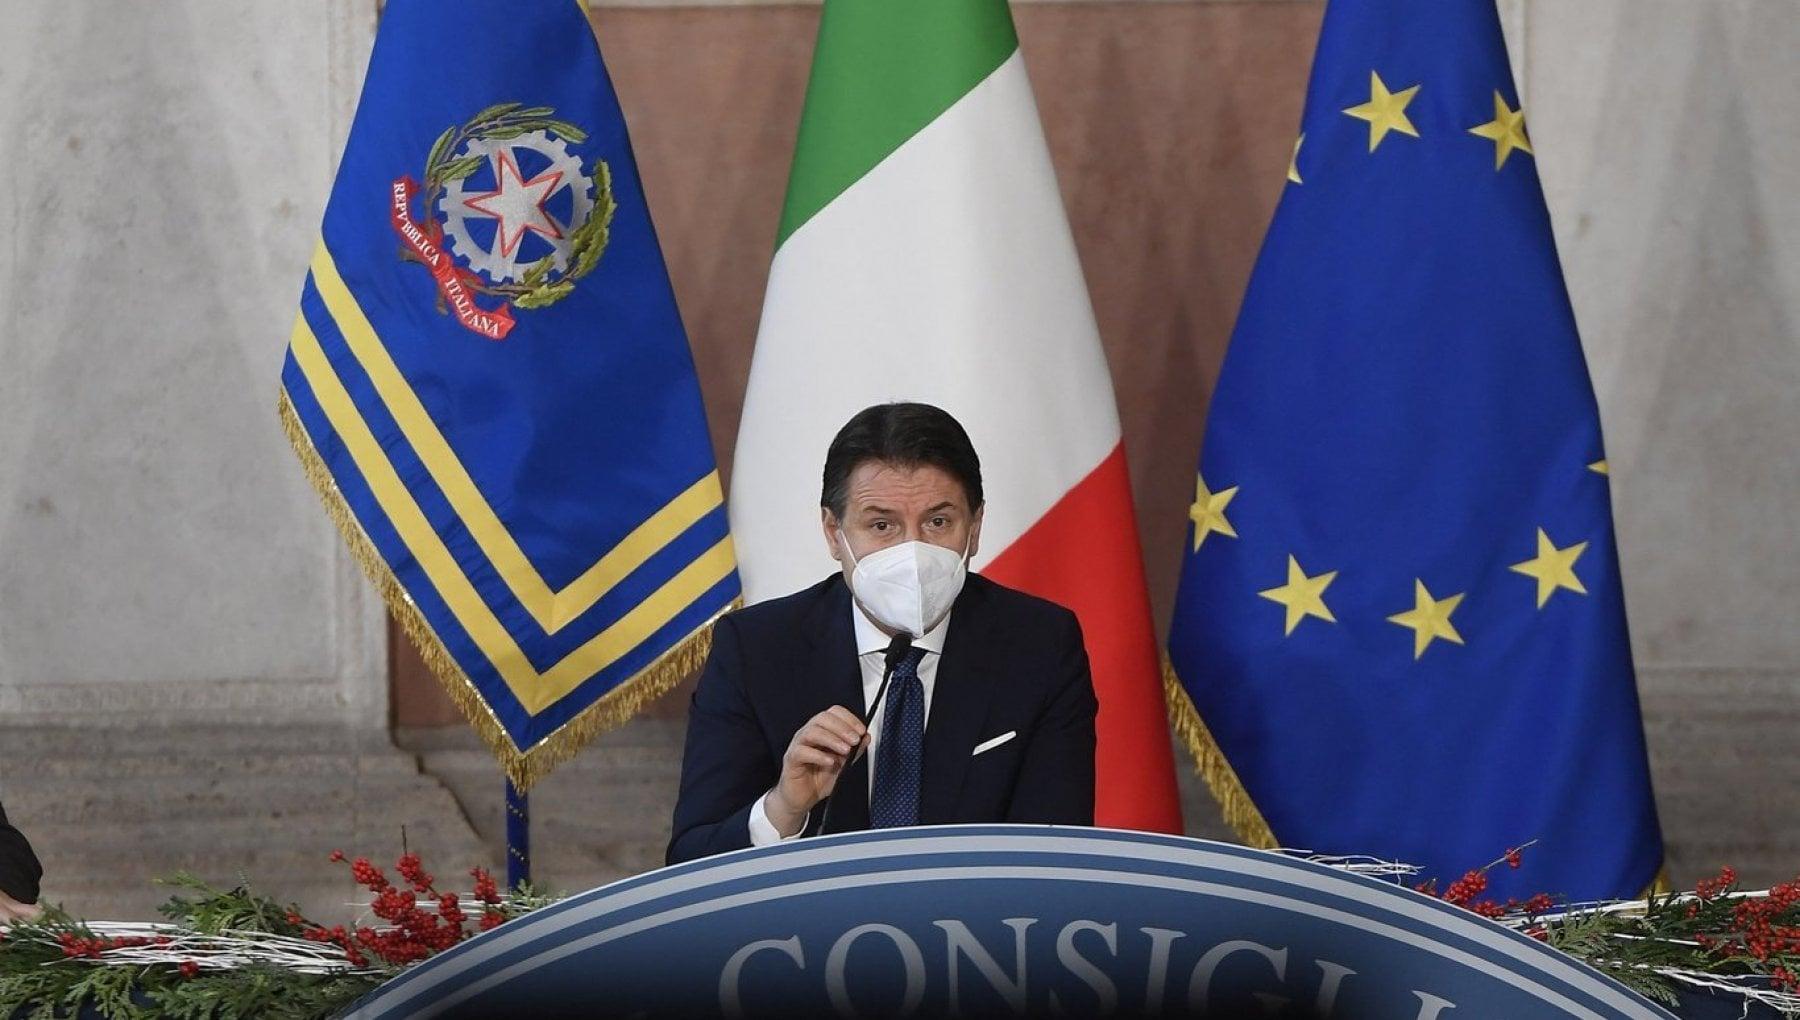 Governo dal Conte ter a Draghi premier. Liter della crisi ecco cosa potrebbe accadere